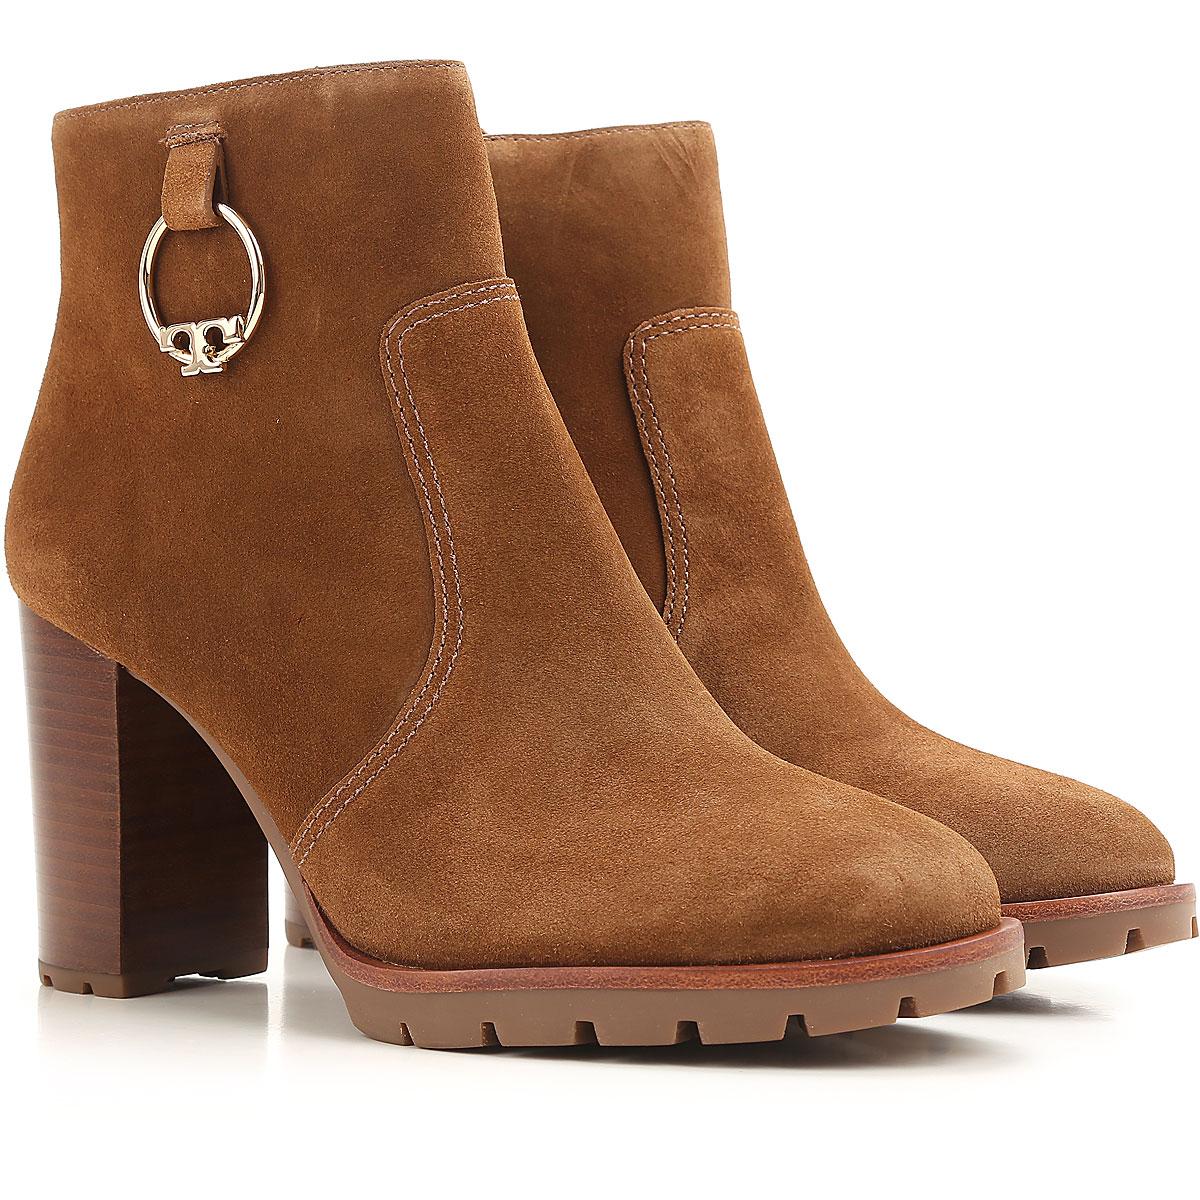 2c2373d9c55e66 Tory Burch. Shoes for Women